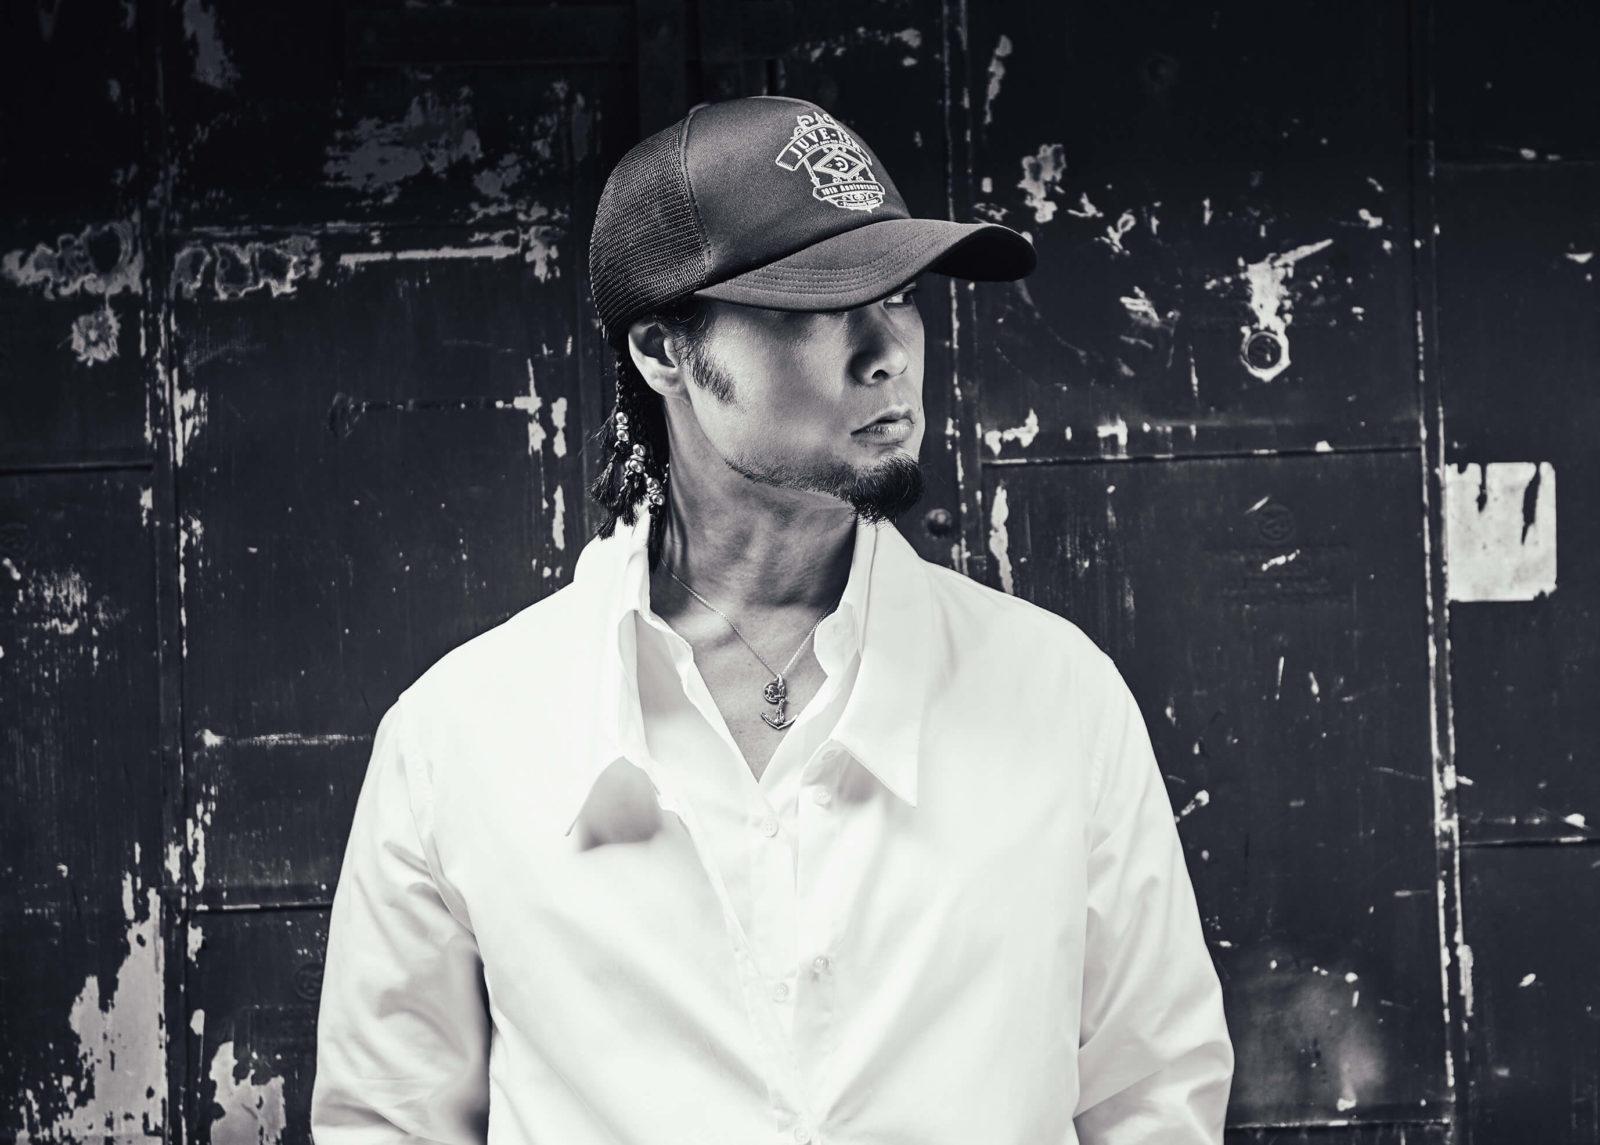 Diggy-MO' ソロデビュー10周年イヤーを飾る、豪華ゲストも出演の一夜限りのスペシャルライブ開催サムネイル画像